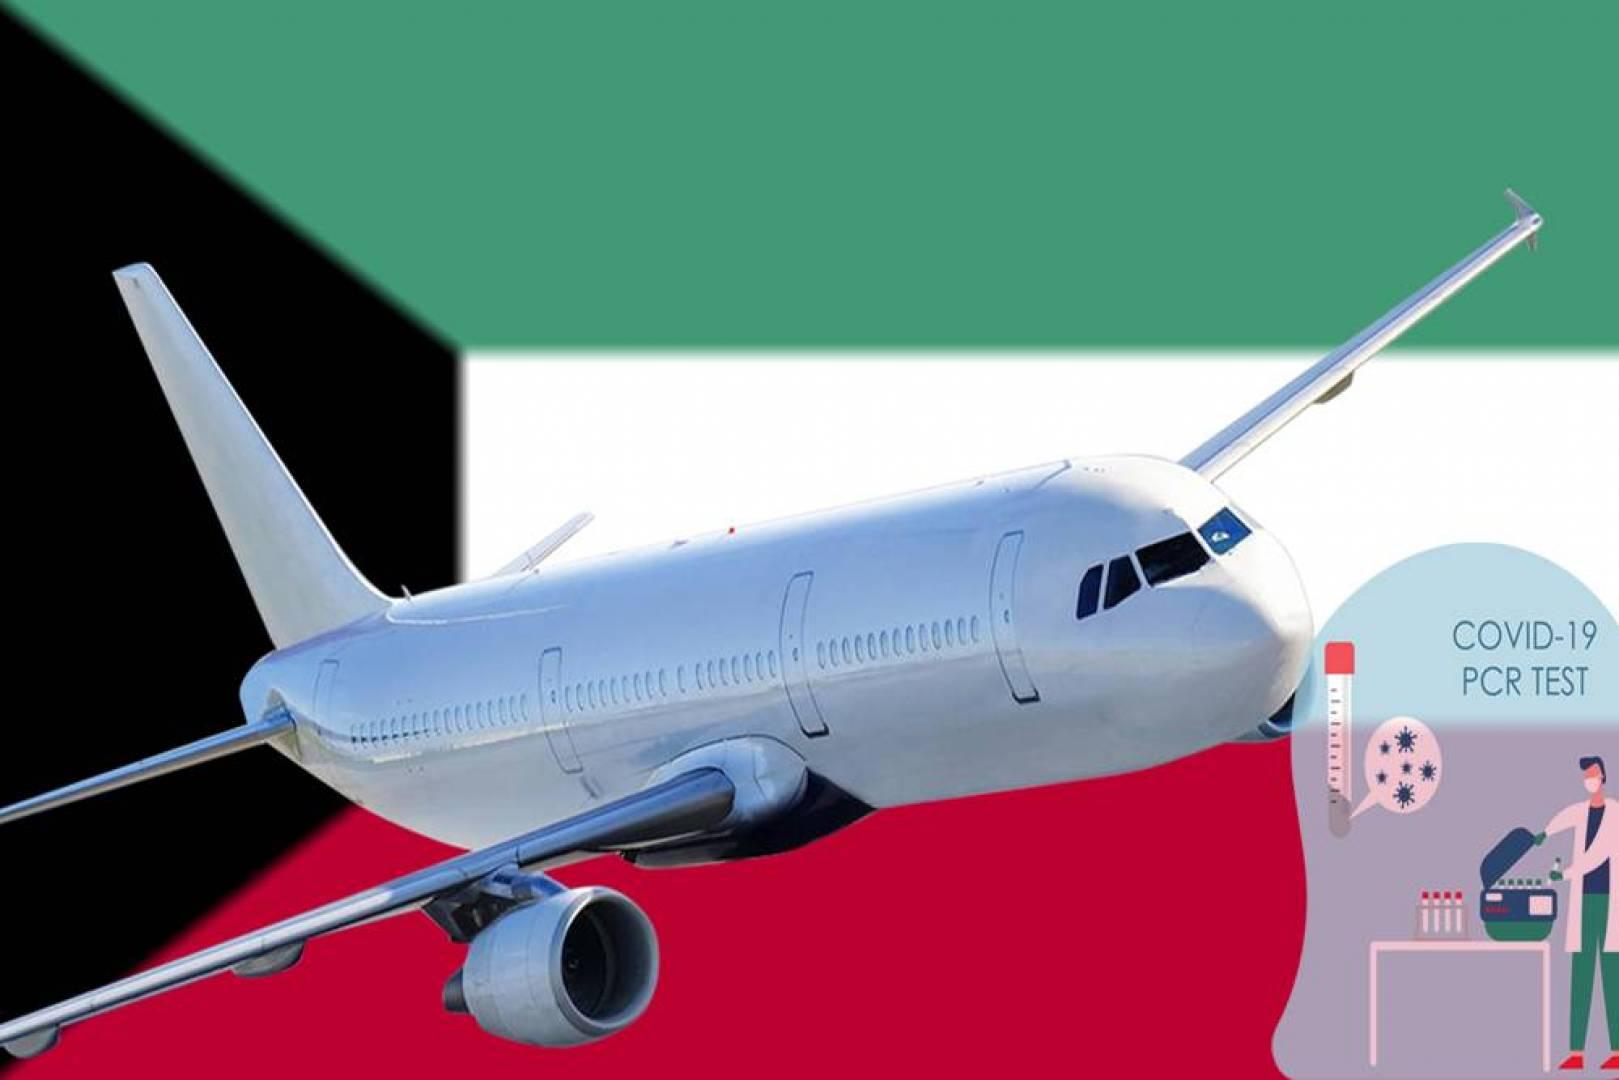 مصدر لـ «القبس»: رحلات الطيران التجارية ستشمل عودة المقيمين والخليجيين